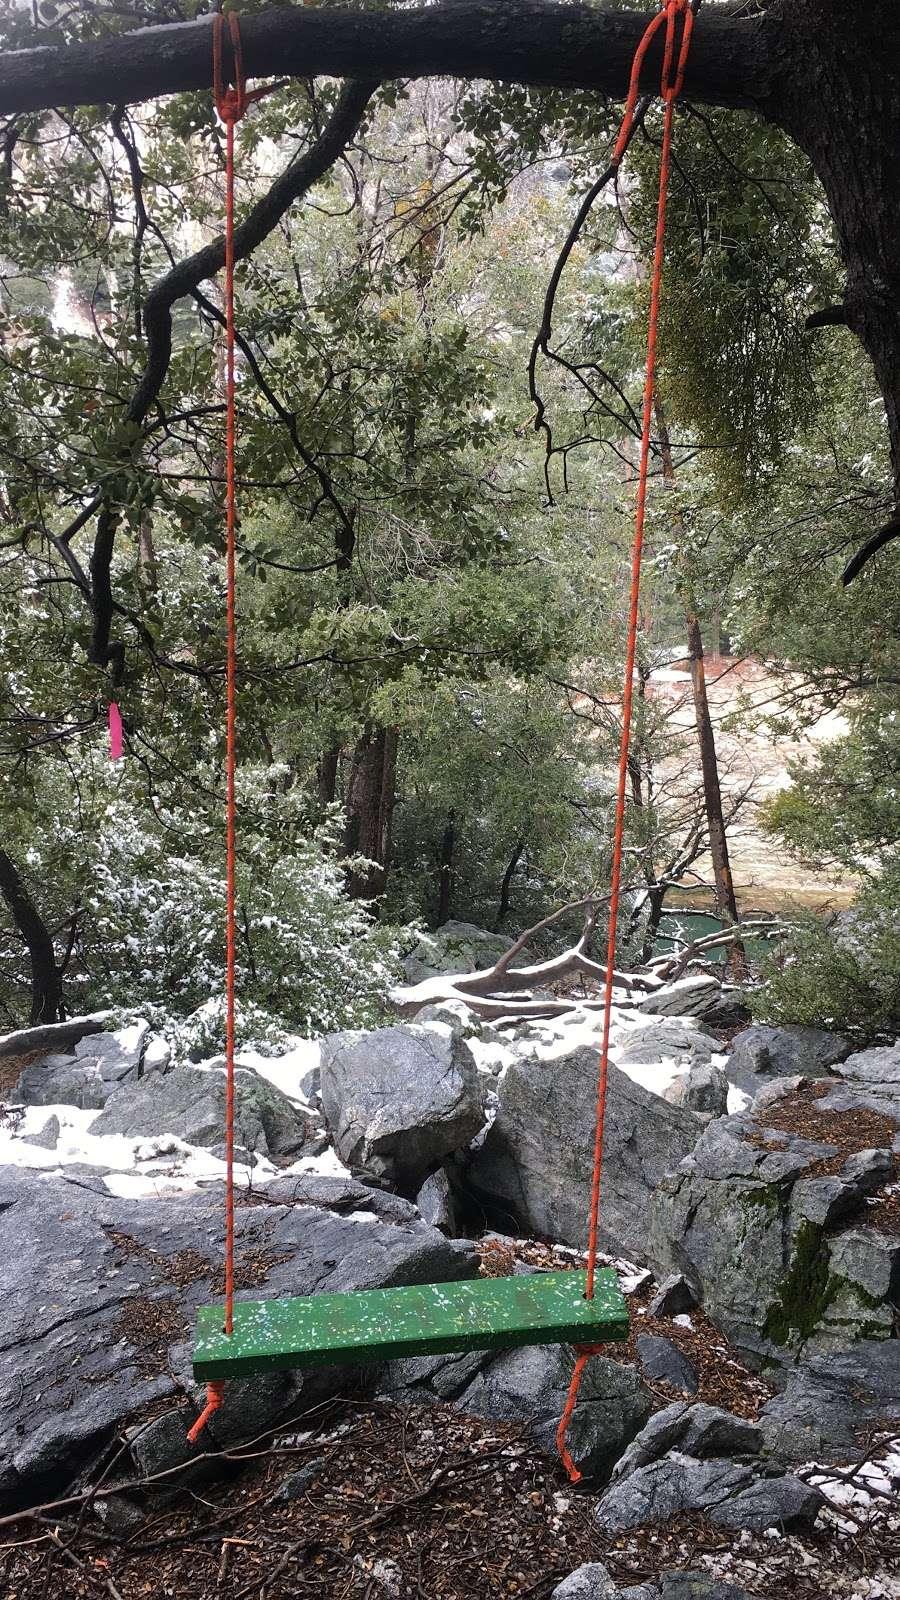 Secret Swings Crystal Lake Azusa - park    Photo 1 of 2   Address: Azusa, CA 91702, USA